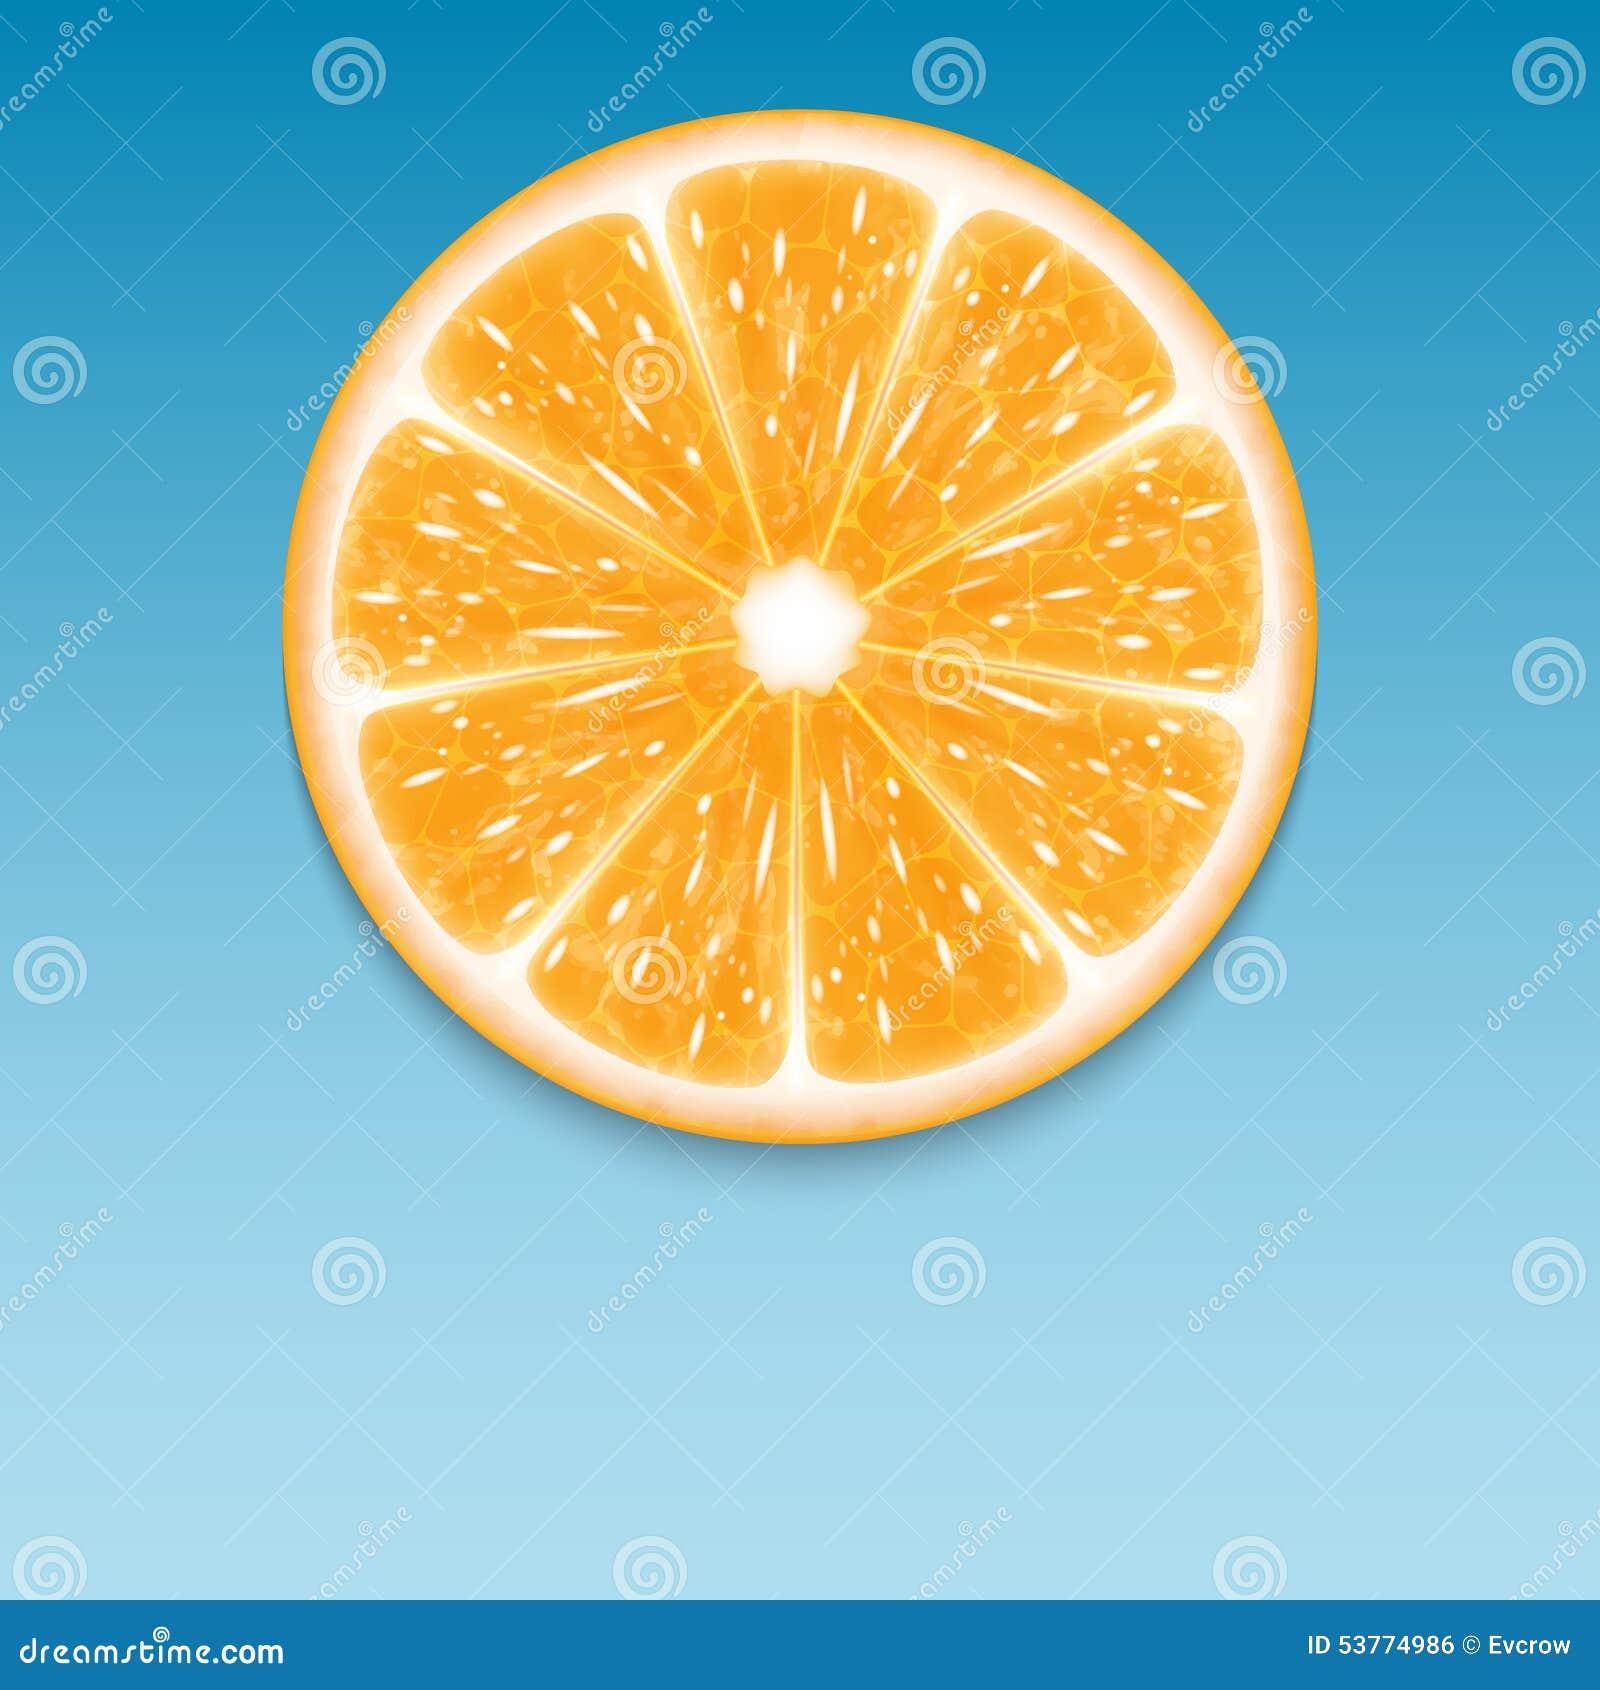 Orange slice stock vector  Illustration of cover, freshness